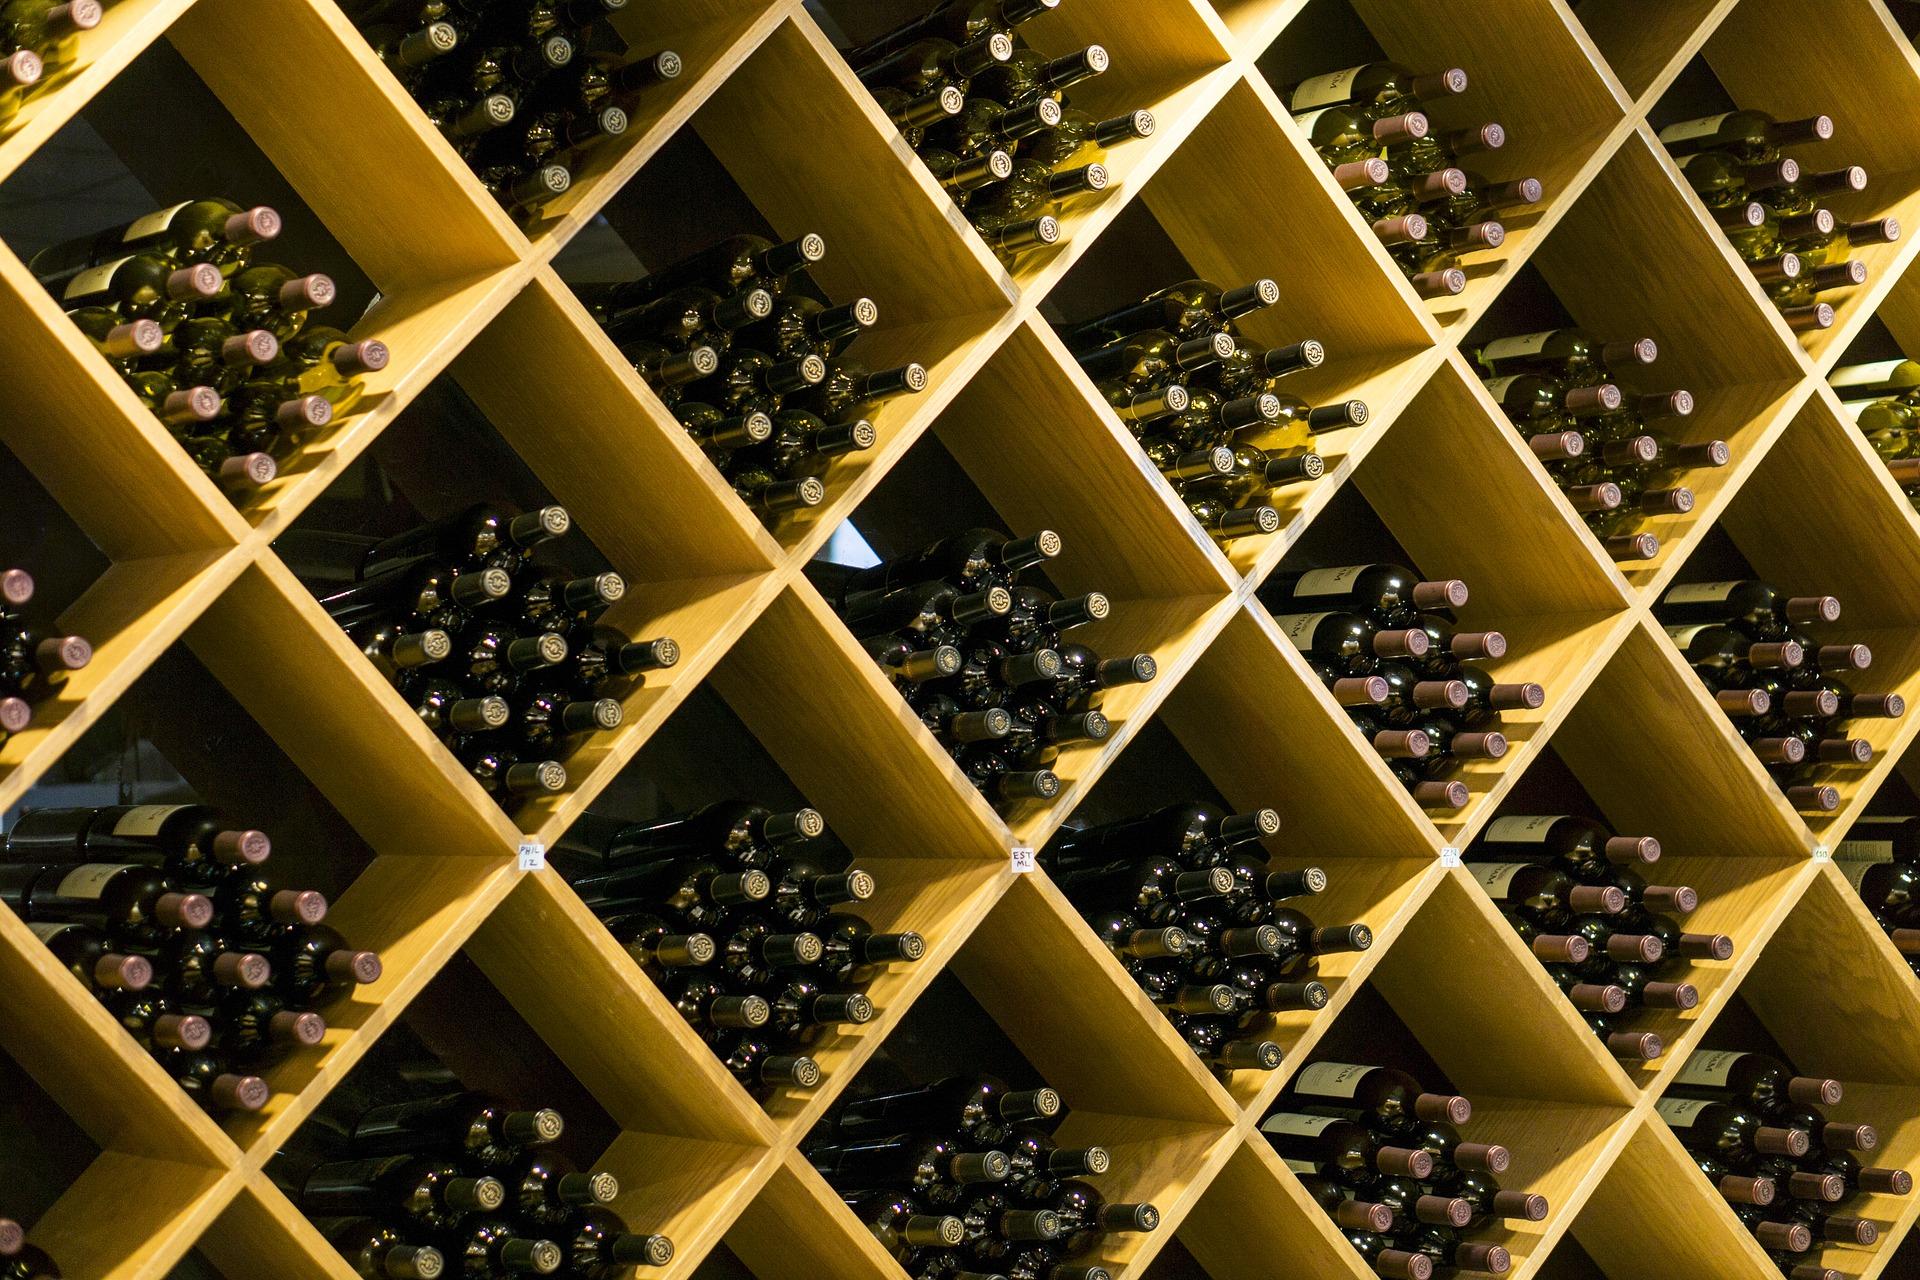 Cave à vin polyvalente de quoi s'agit il